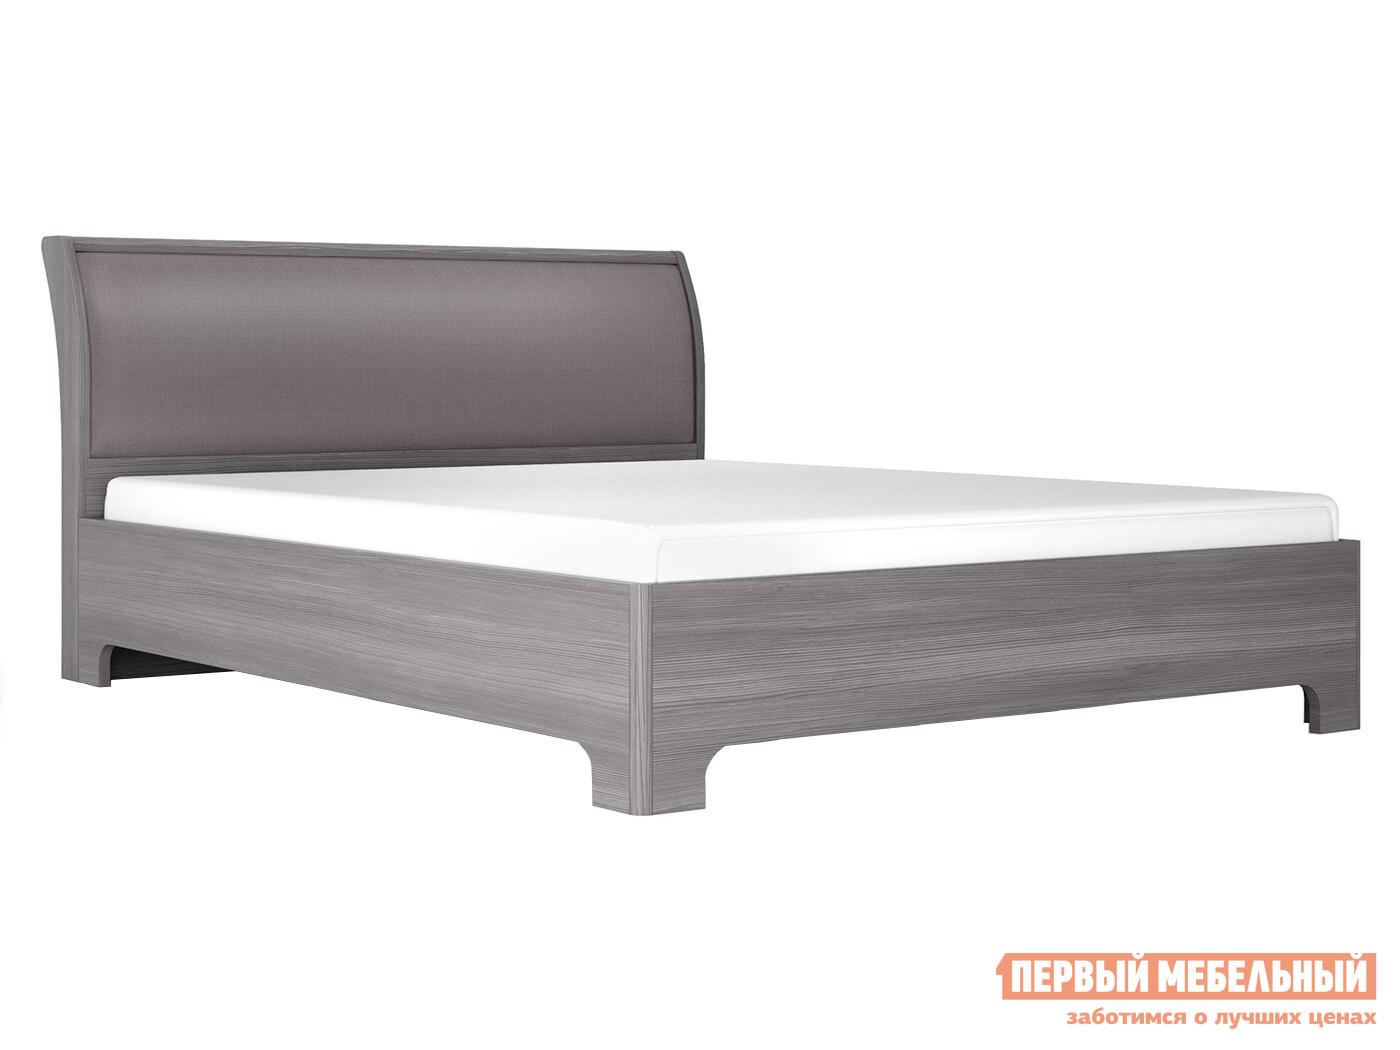 Двуспальная кровать  Кровать-3 с ортопед. основанием Лиственница темная / Экокожа дила, 1600 Х 2000 мм